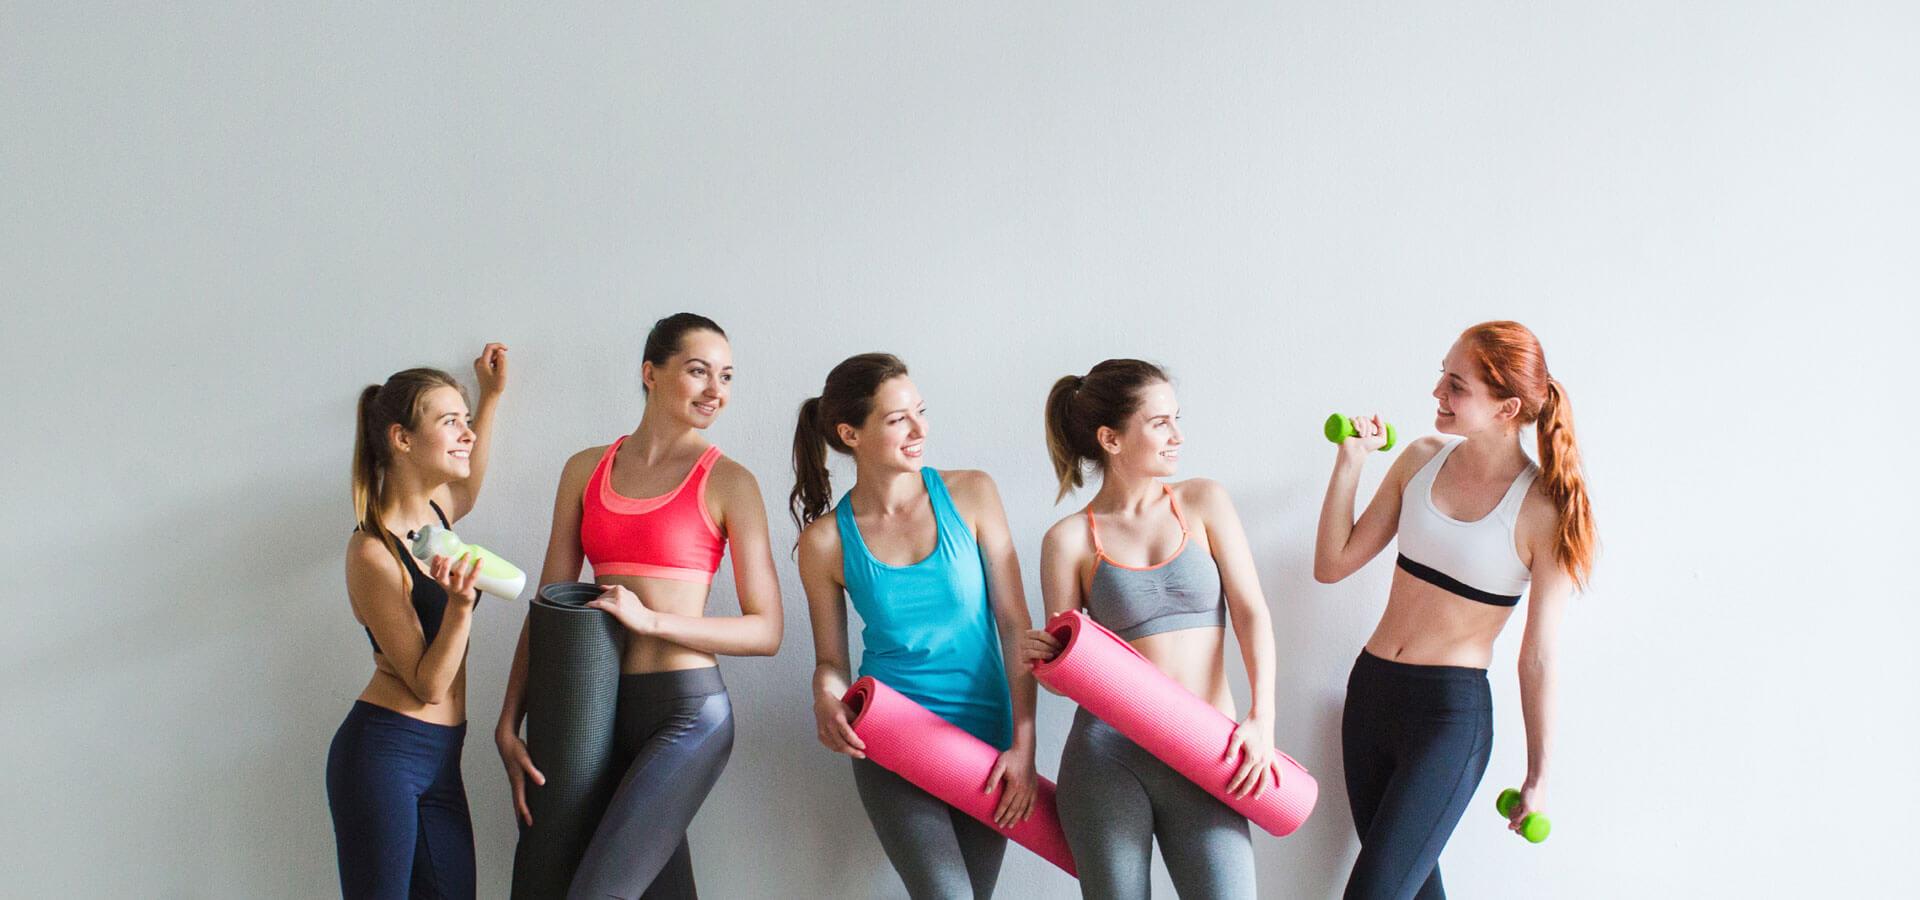 Marathon-Fitness-women-fitness-group-slider